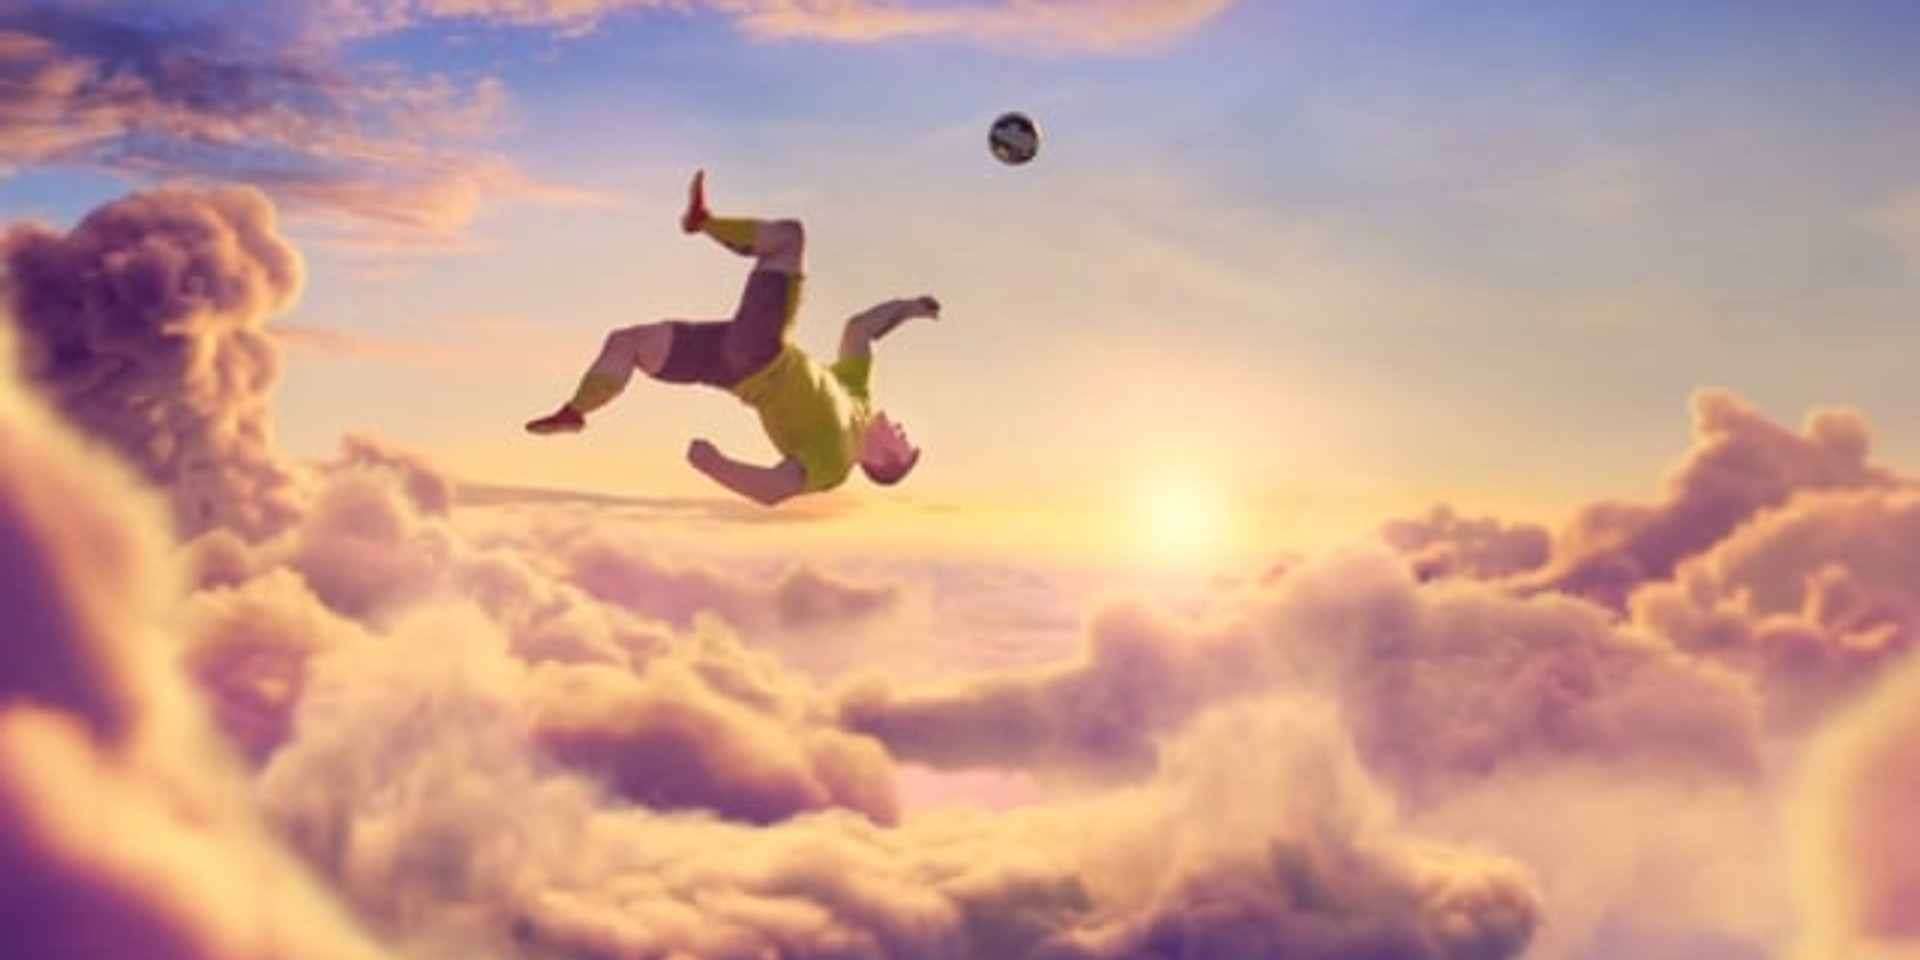 Nike - Wayne Rooney